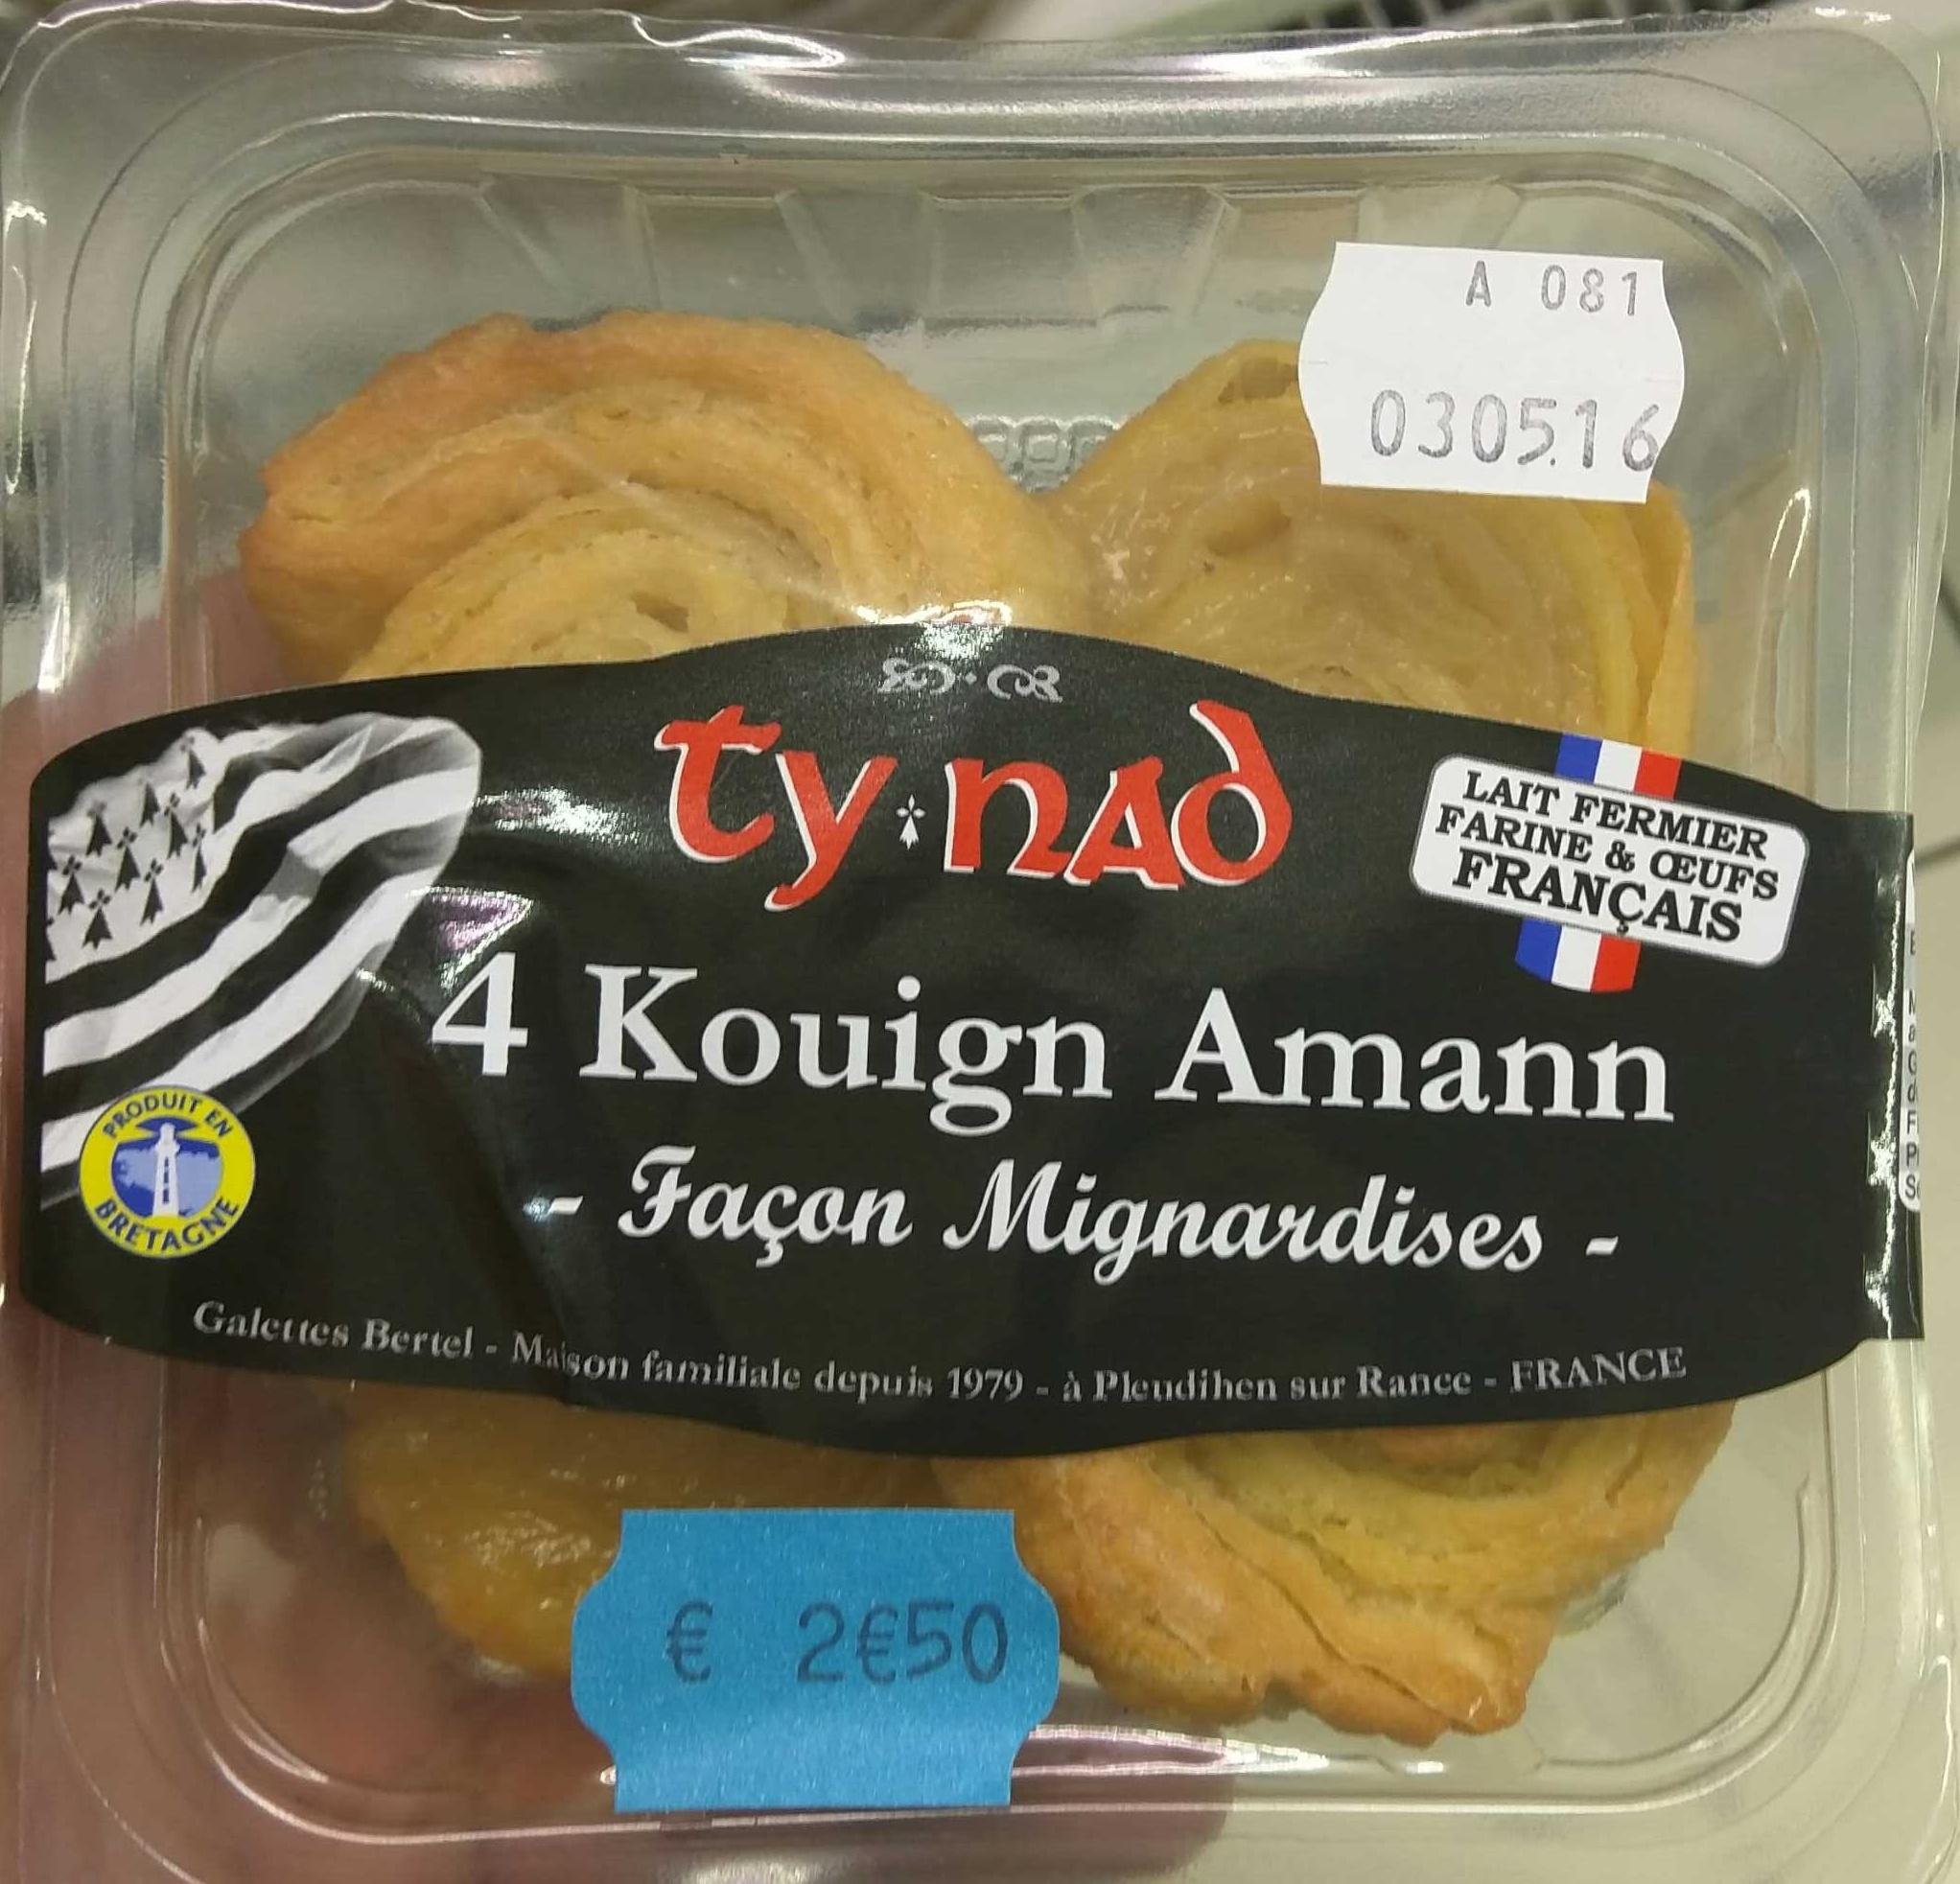 Kouign Amann Façon Mignardises - Product - fr